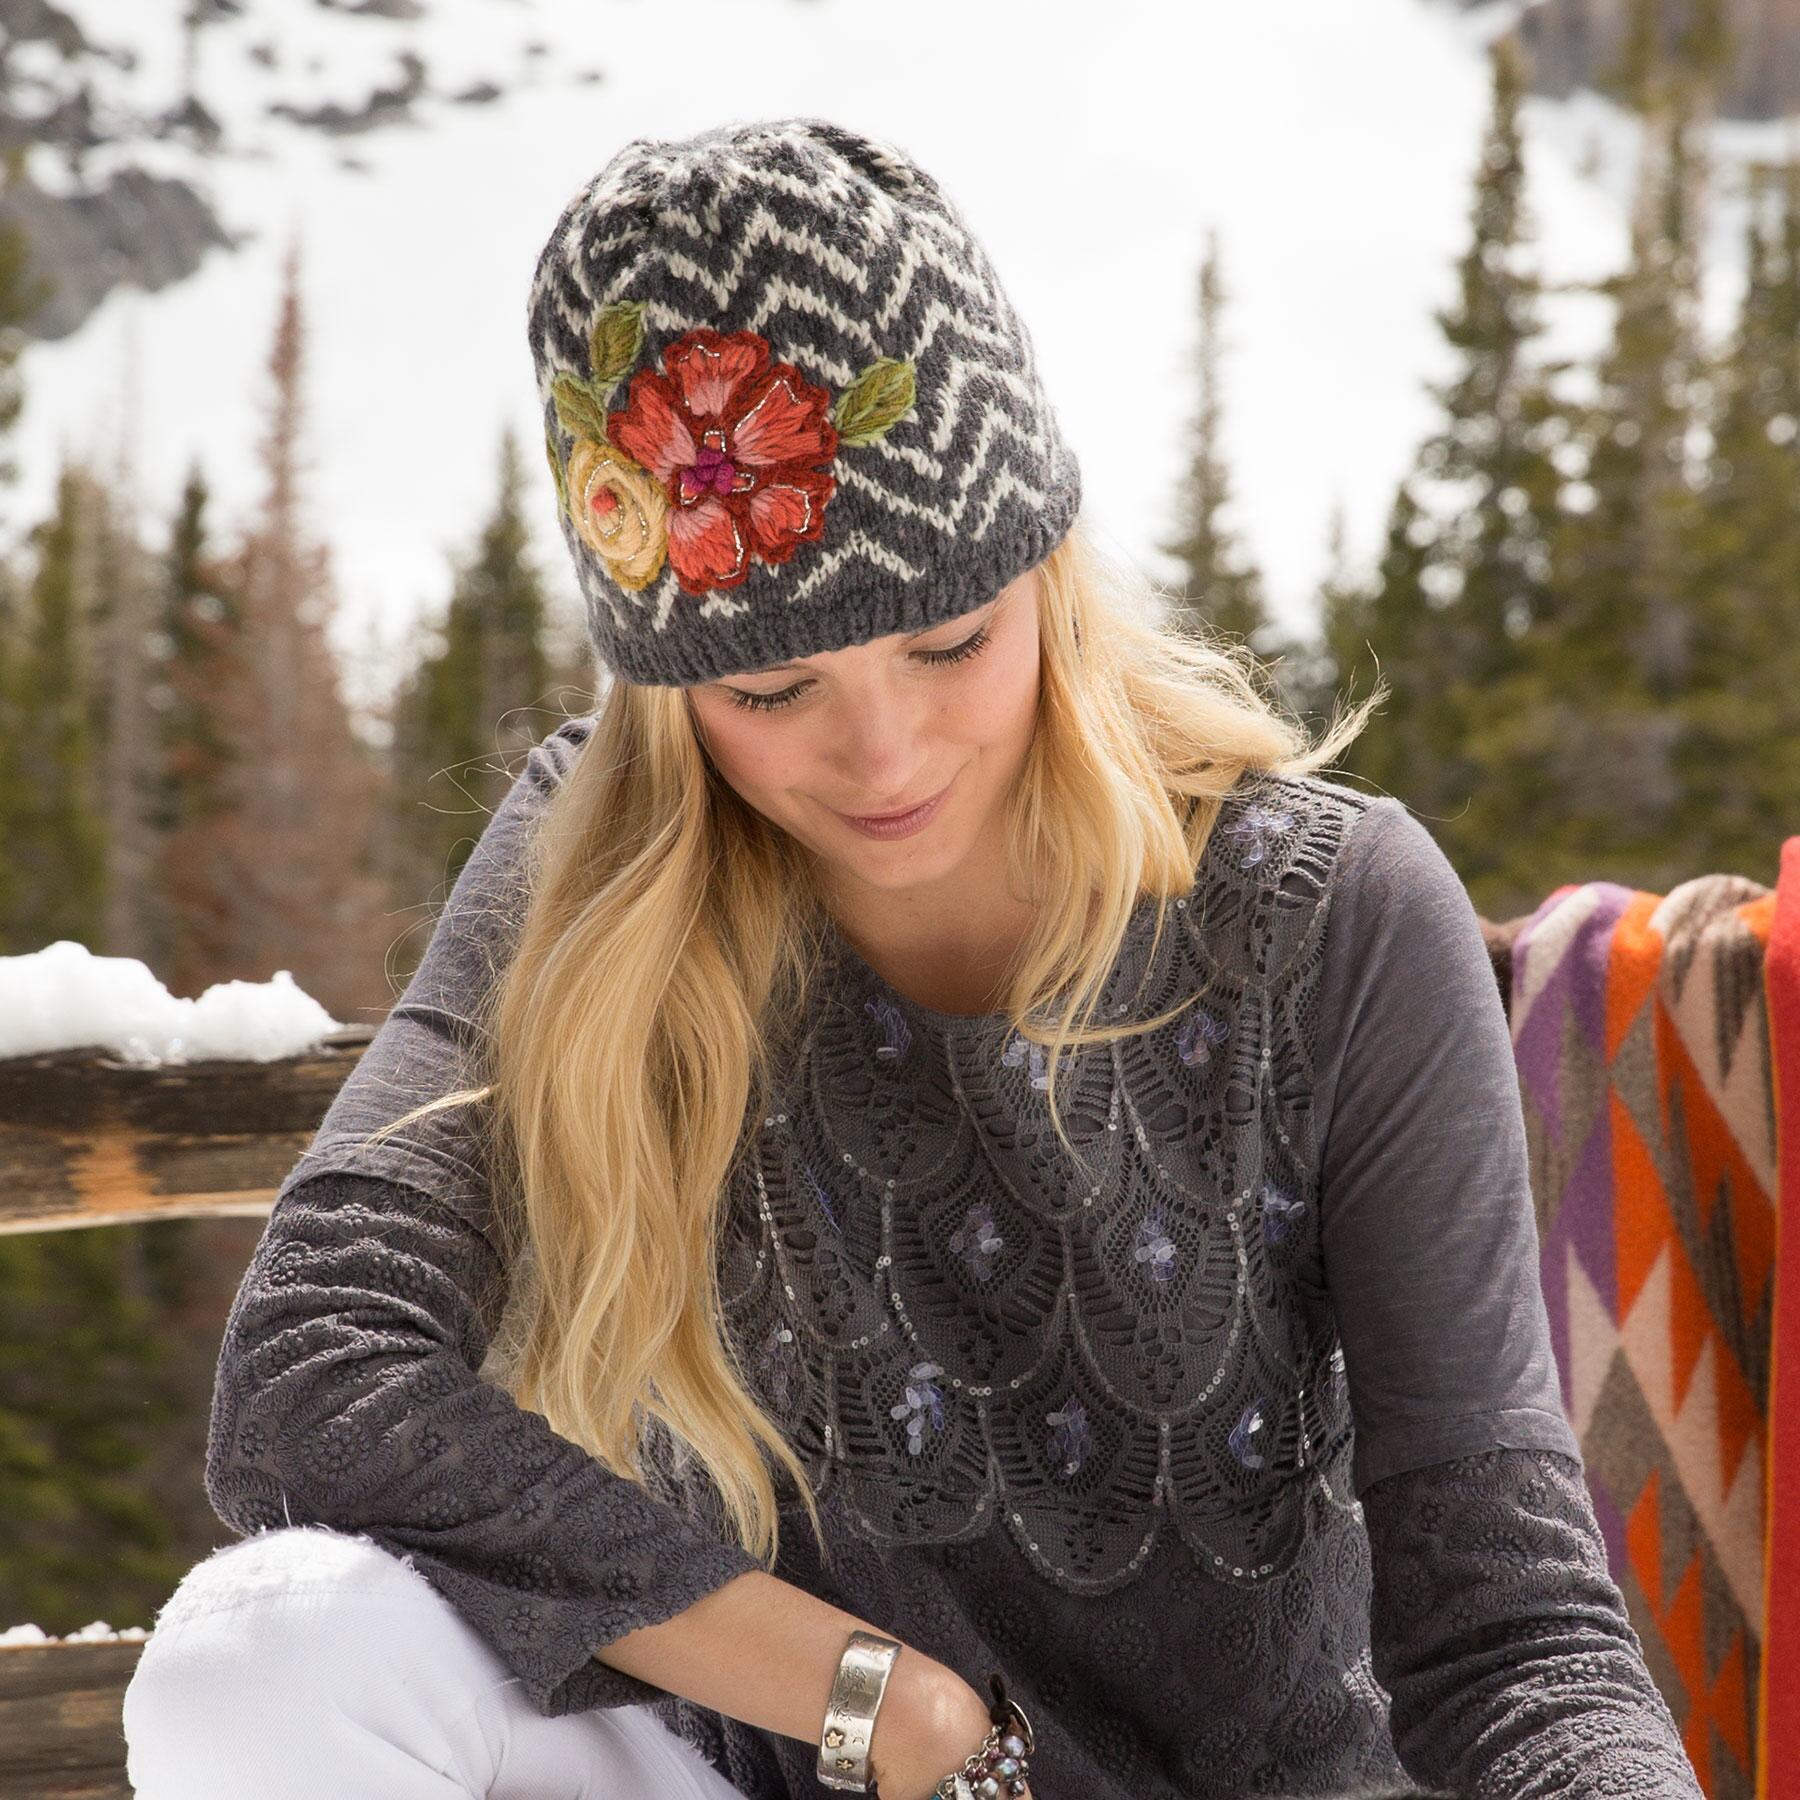 FLORA BELLE HAT: View 2